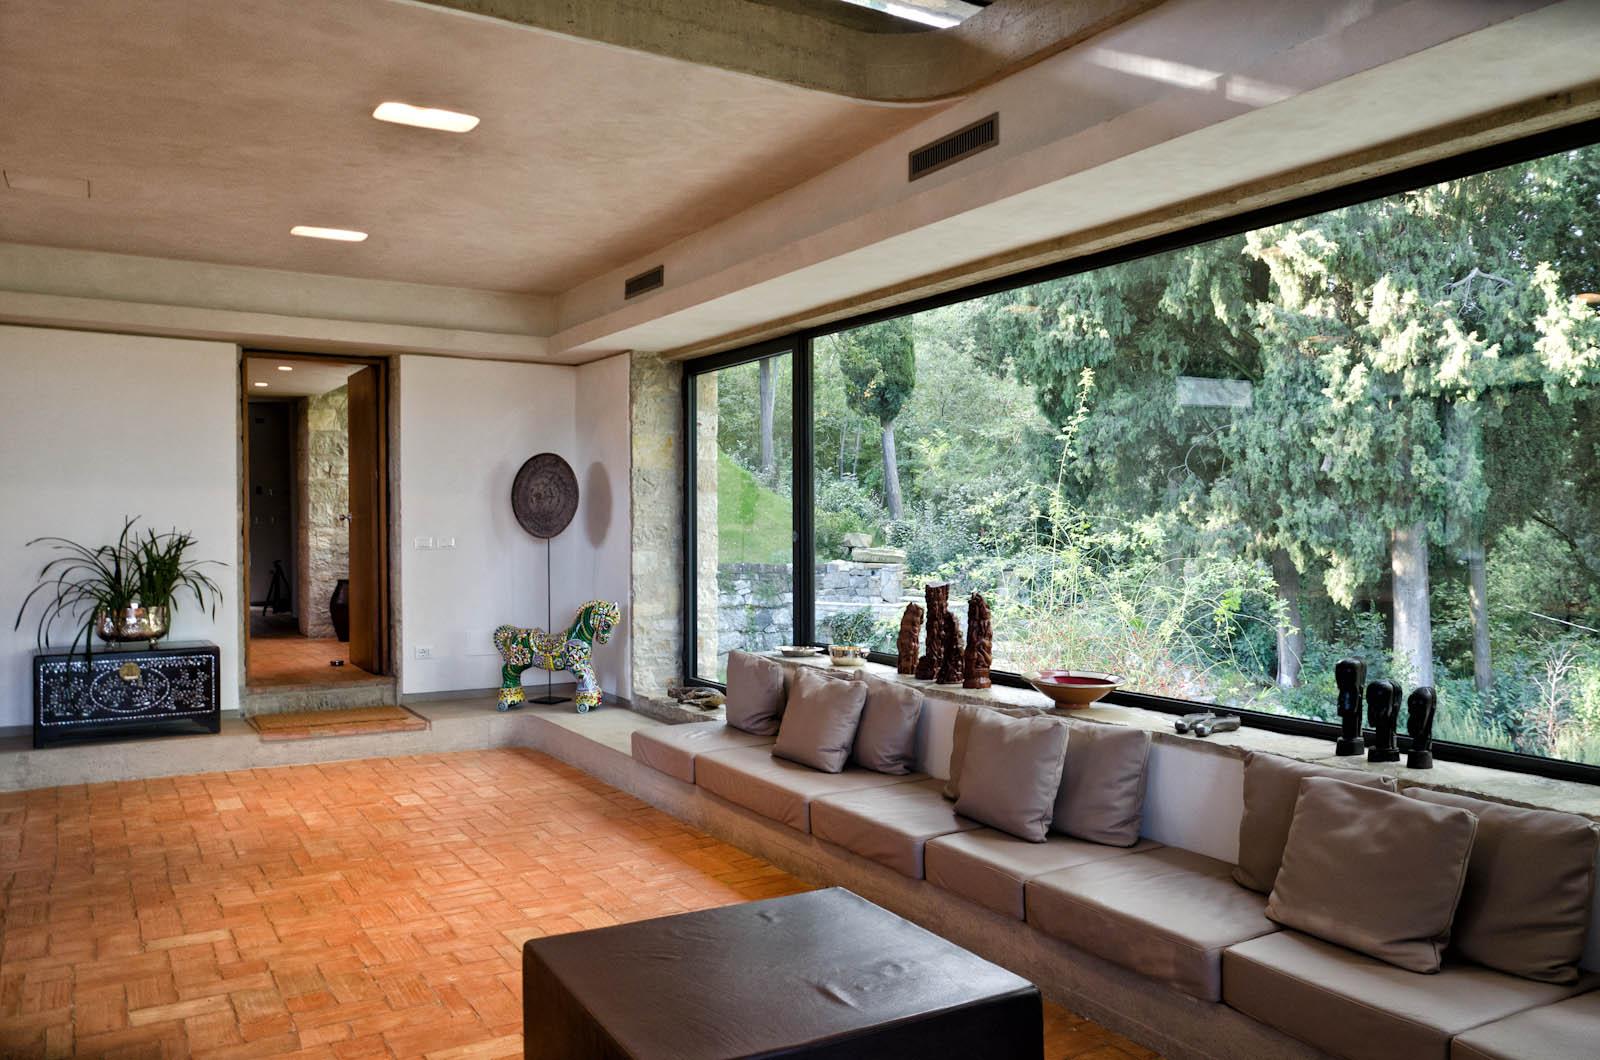 Le grandi vetrate lasciano entrare la natura all'interno della villa